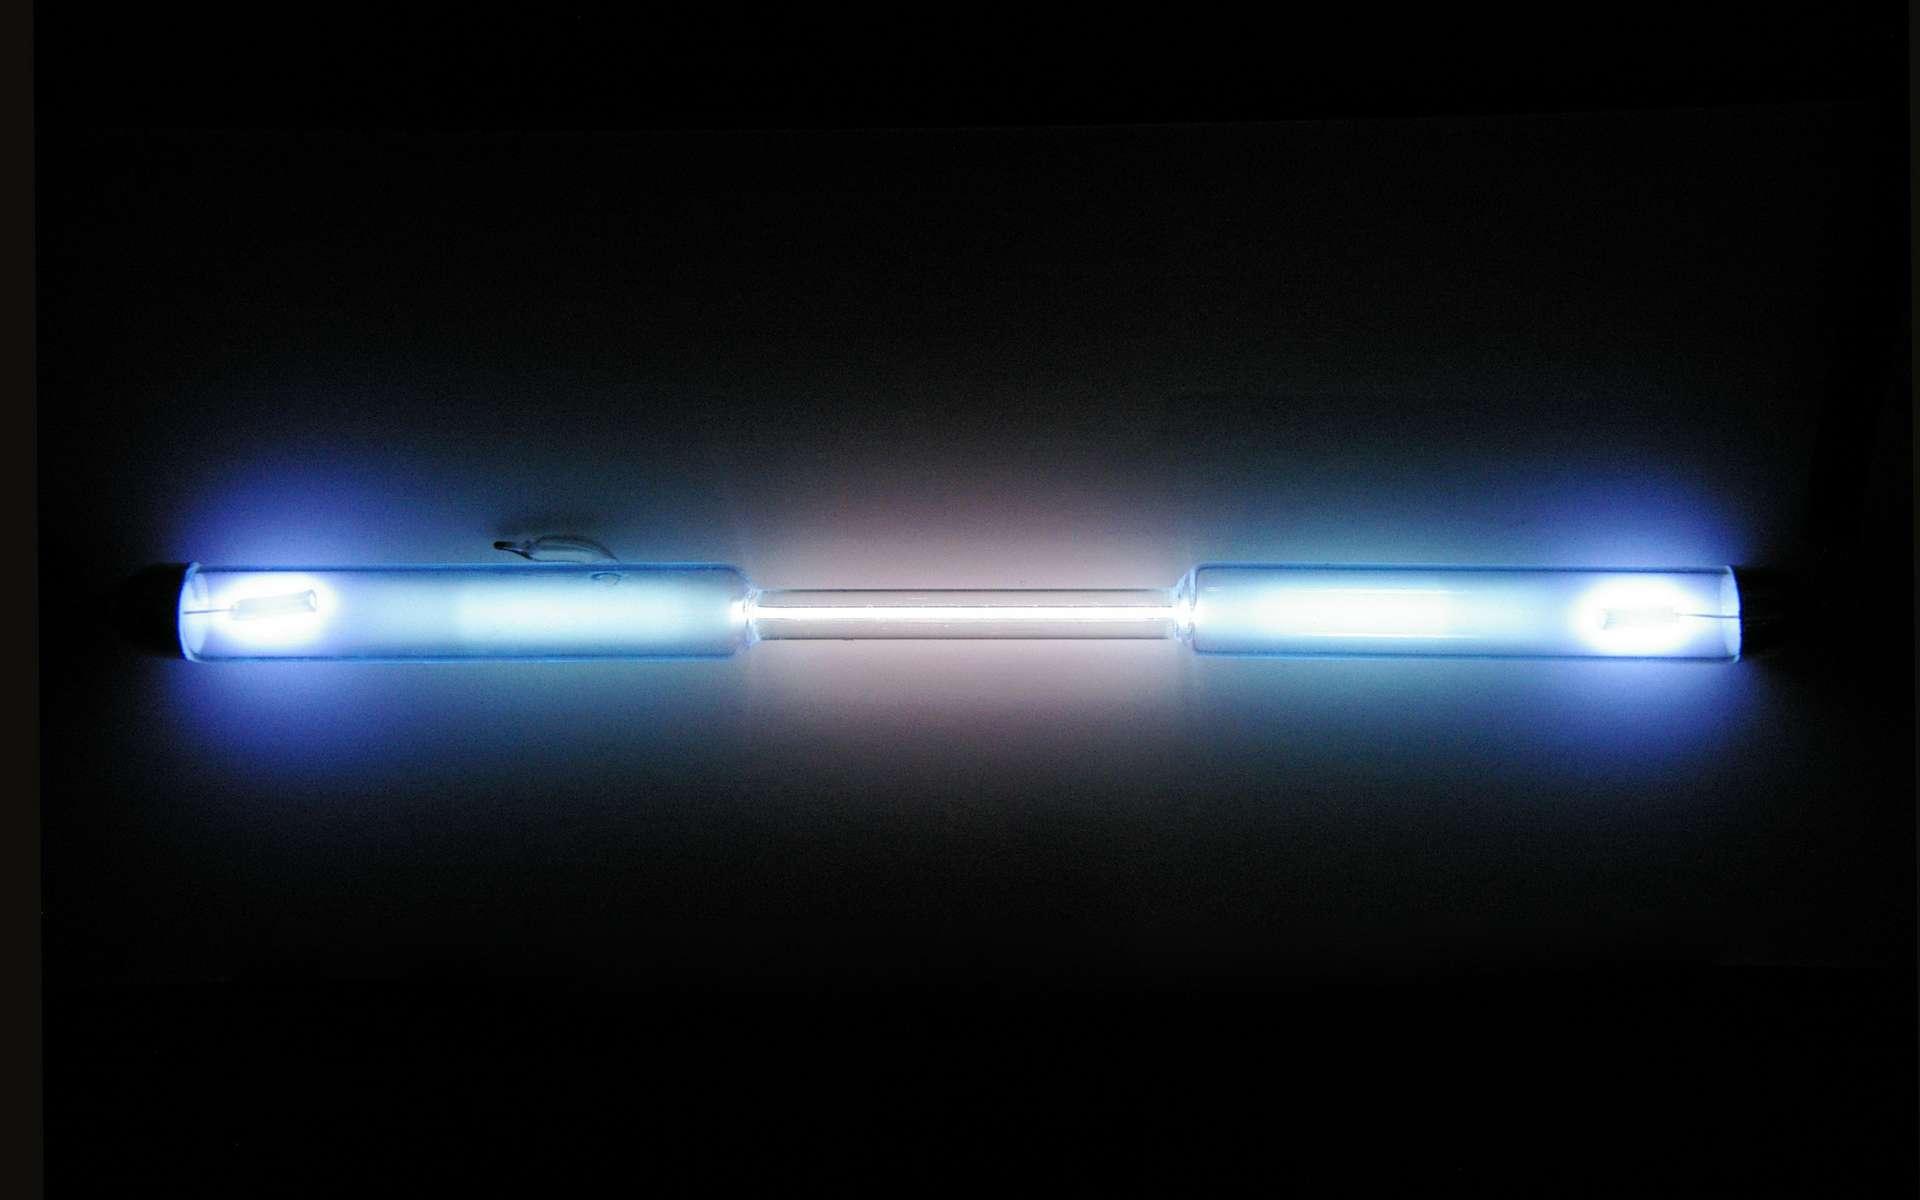 Le krypton est un gaz totalement incolore à température ambiante. Il est utilisé dans certaines lampes. © Alchemist-hp, Wikimedia Commons, CC by-nc-nd 3.0